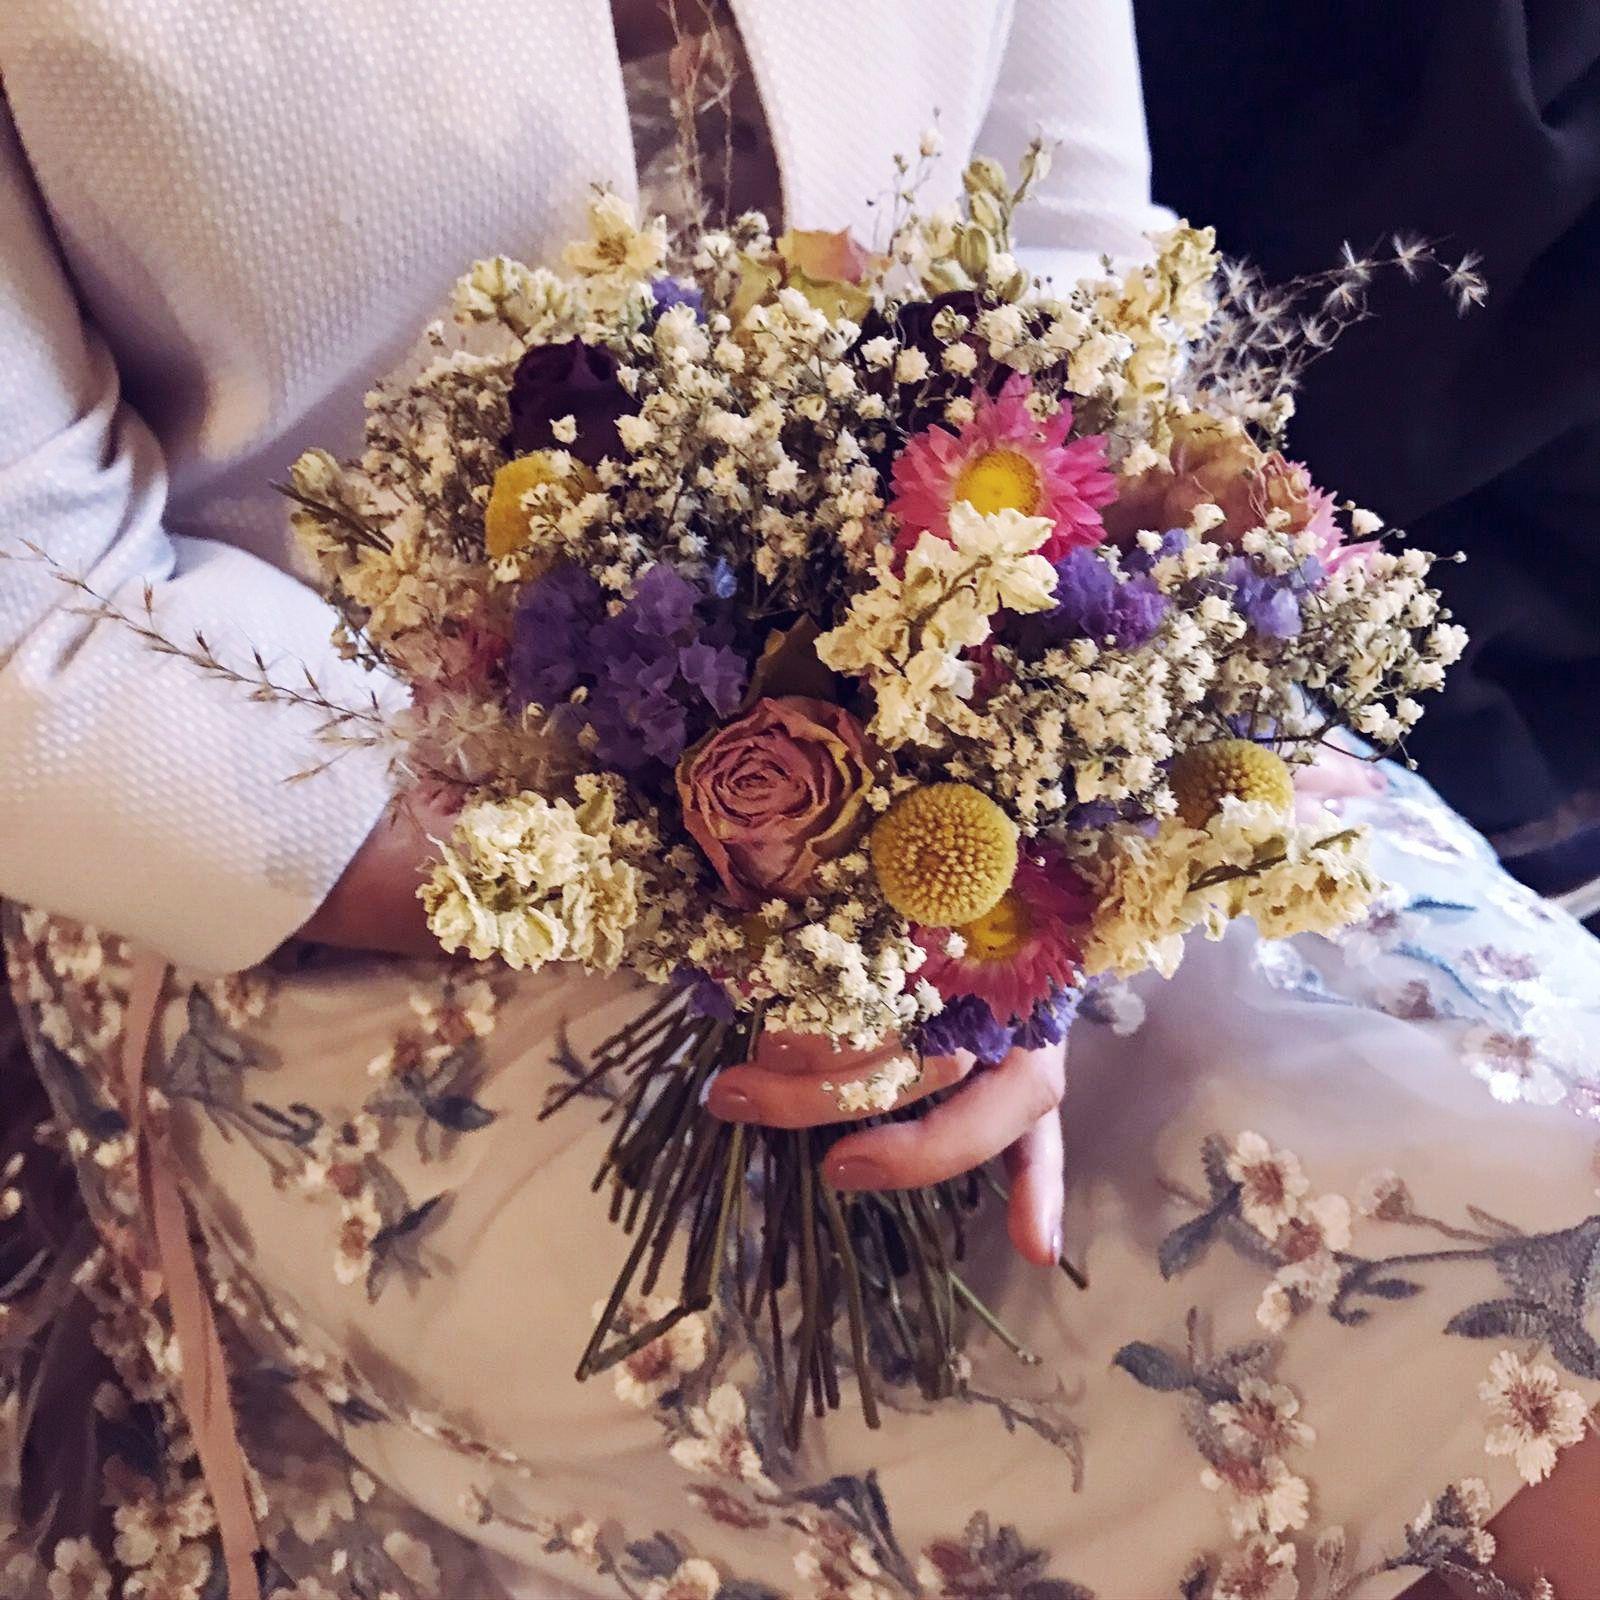 #driedflowers #handtiedbouquet #gypsophila #statice, #strawflower #craspedia #delphiniums.